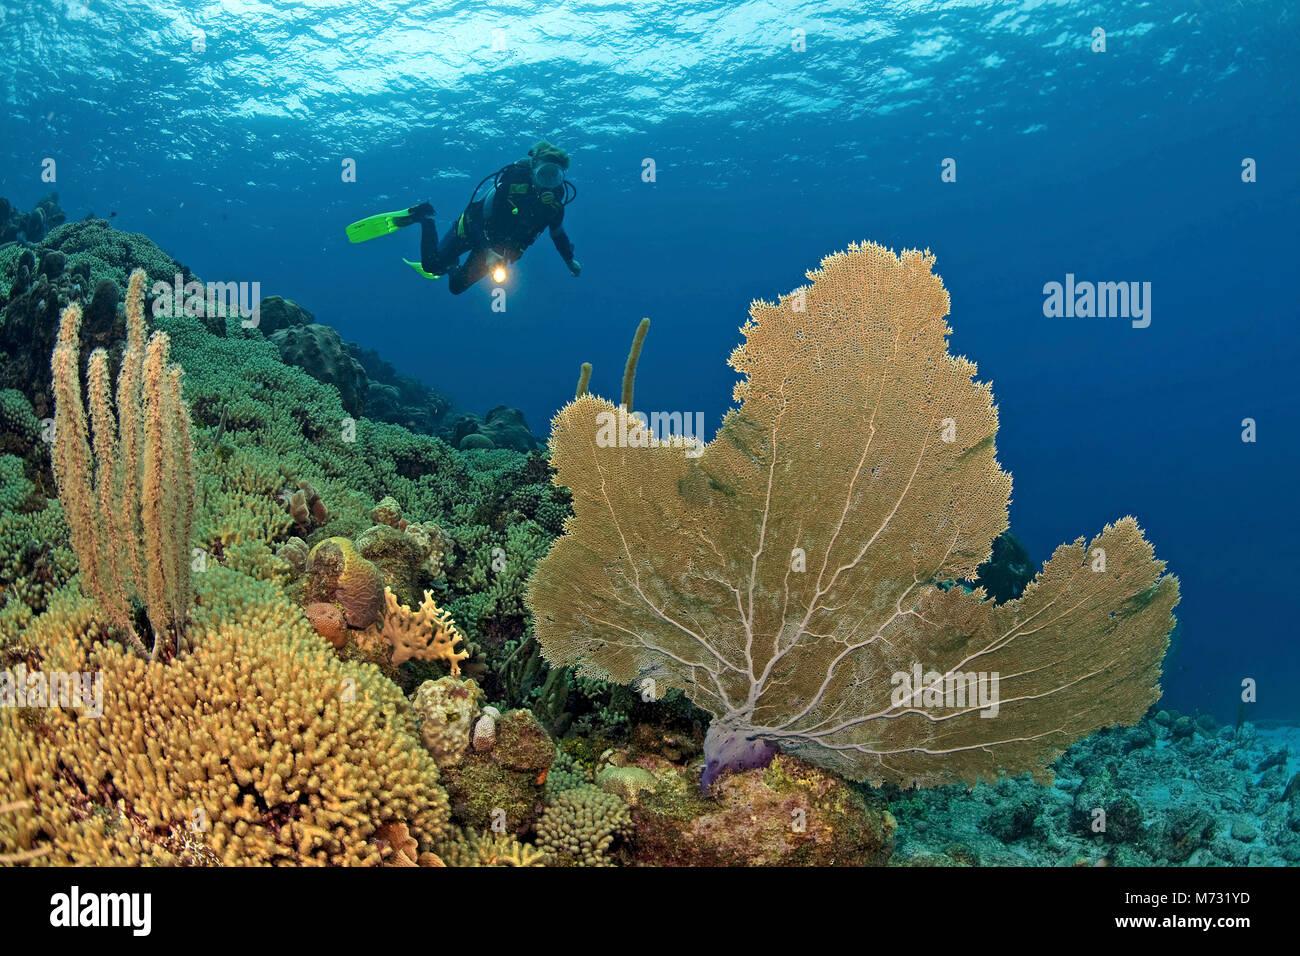 Buceo en el arrecife de coral del Caribe con una gigante seafan (Gorgonia ventalina), Curazao, Antillas Holandesas, Caribe, Mar Caribe Foto de stock